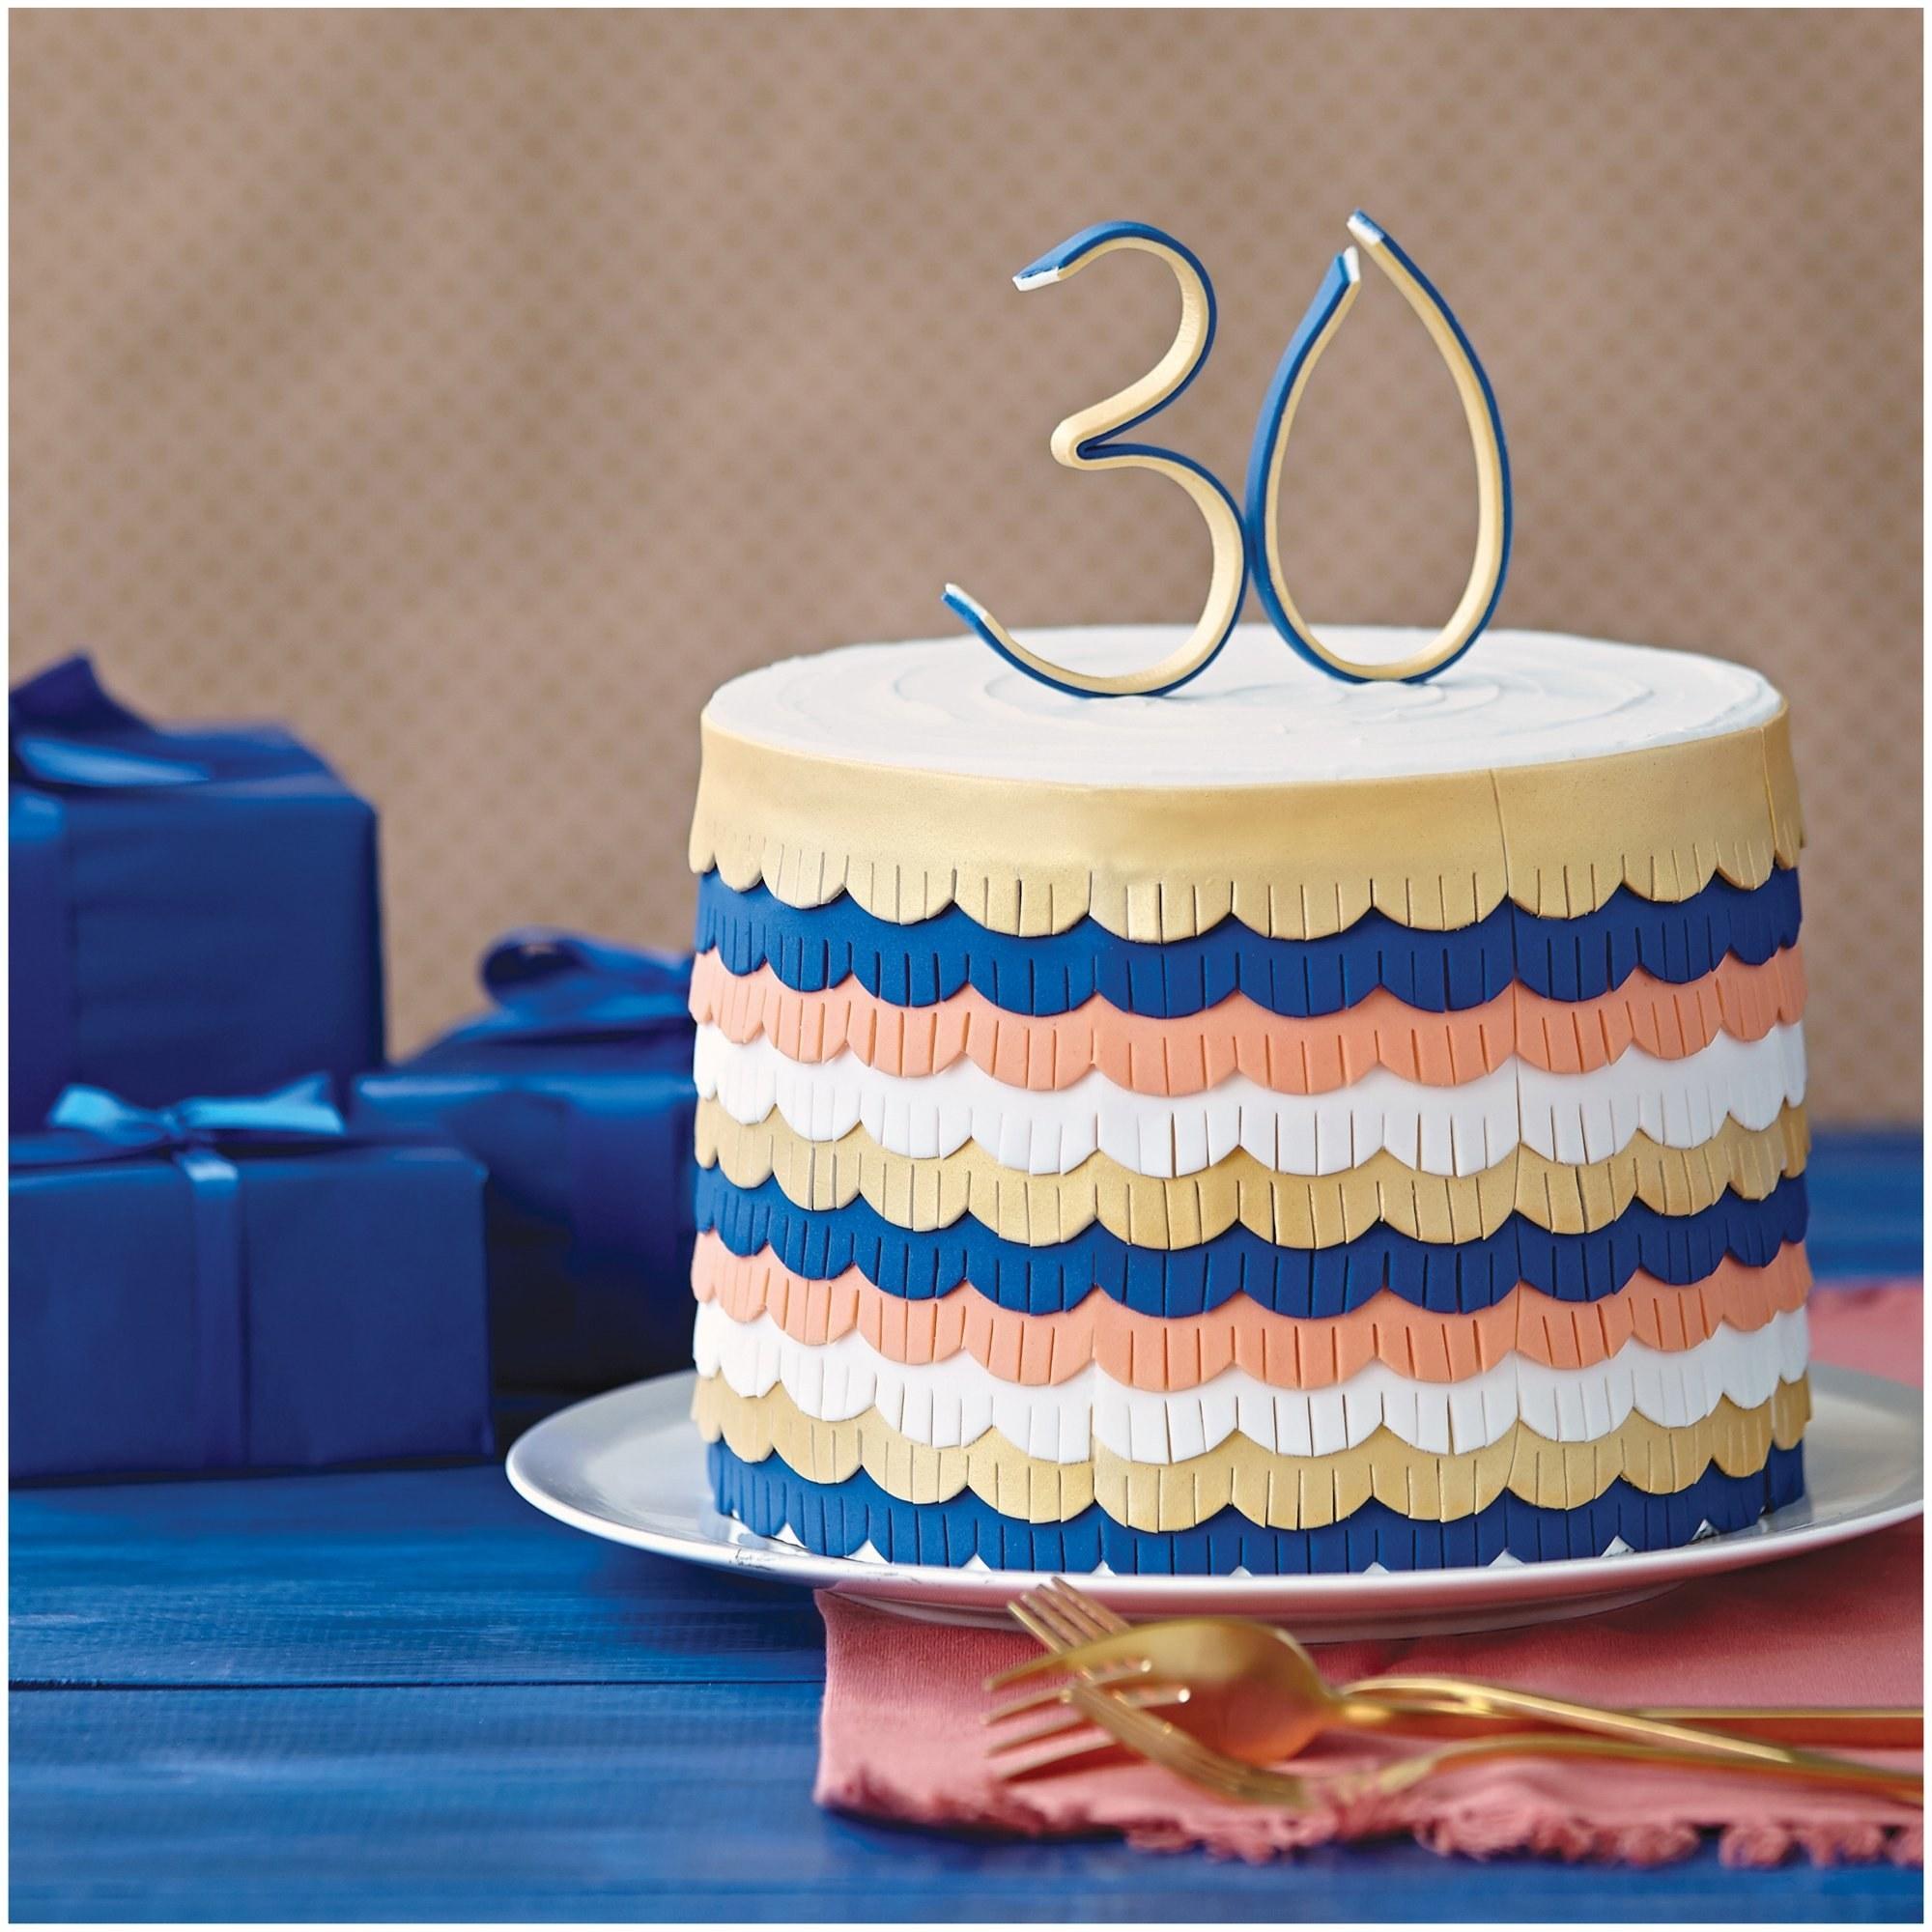 the cake fondant